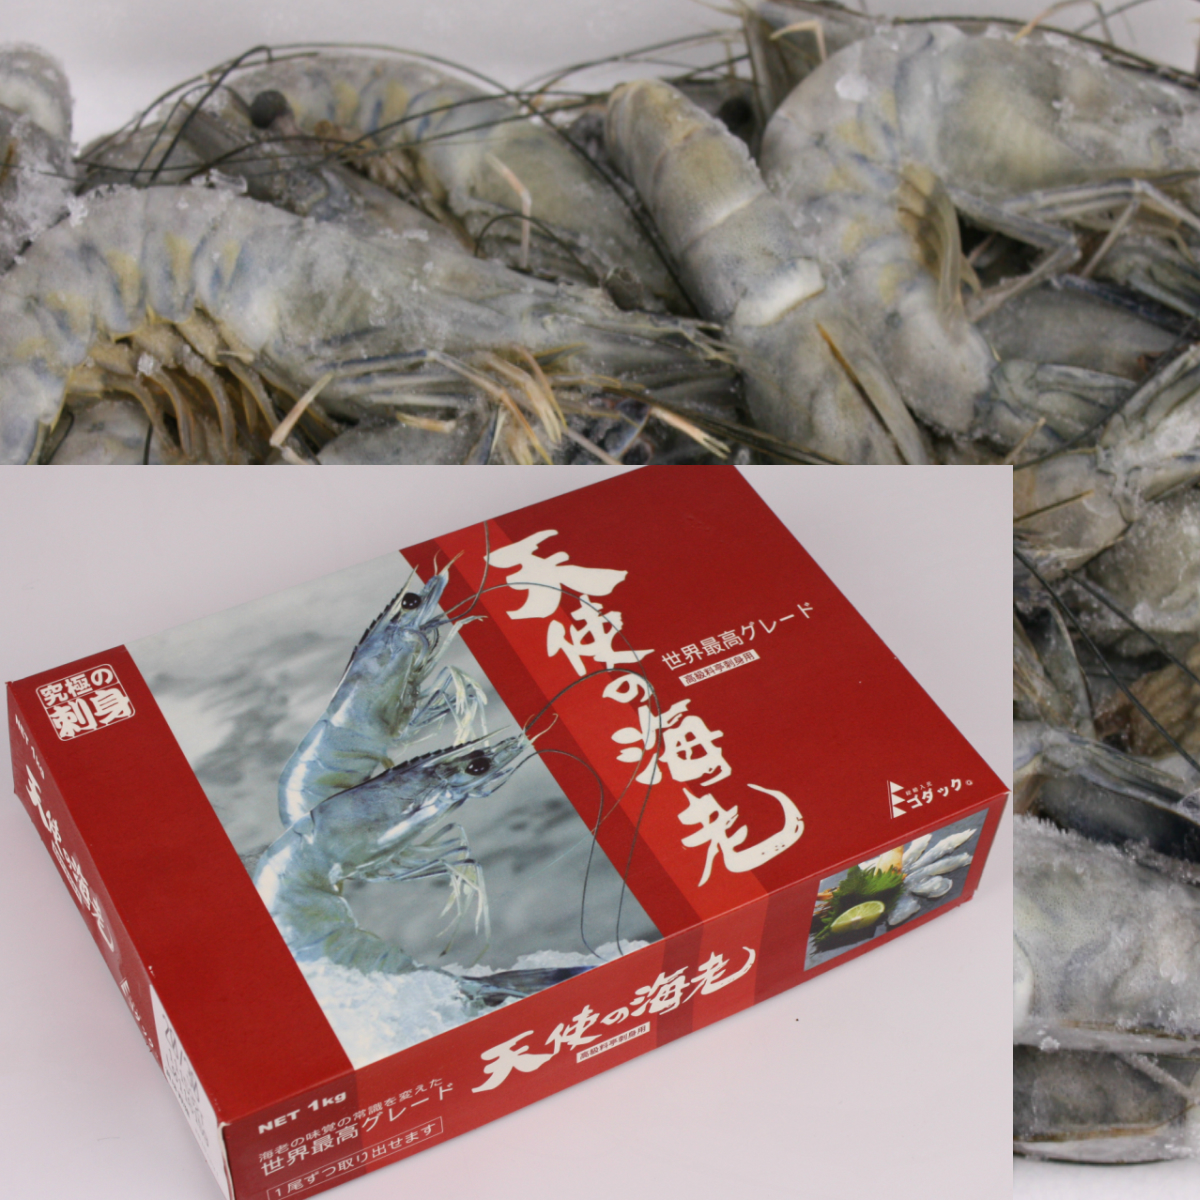 ふるさと割 海老の種類はその名も パラダイス プラウン なんともゴージャスな名前です 美味しくない訳がない 小さめサイズでも 味はまさに折り紙付きです 40~50尾入り 大 天使の海老 再入荷 1kg お刺身可 流行